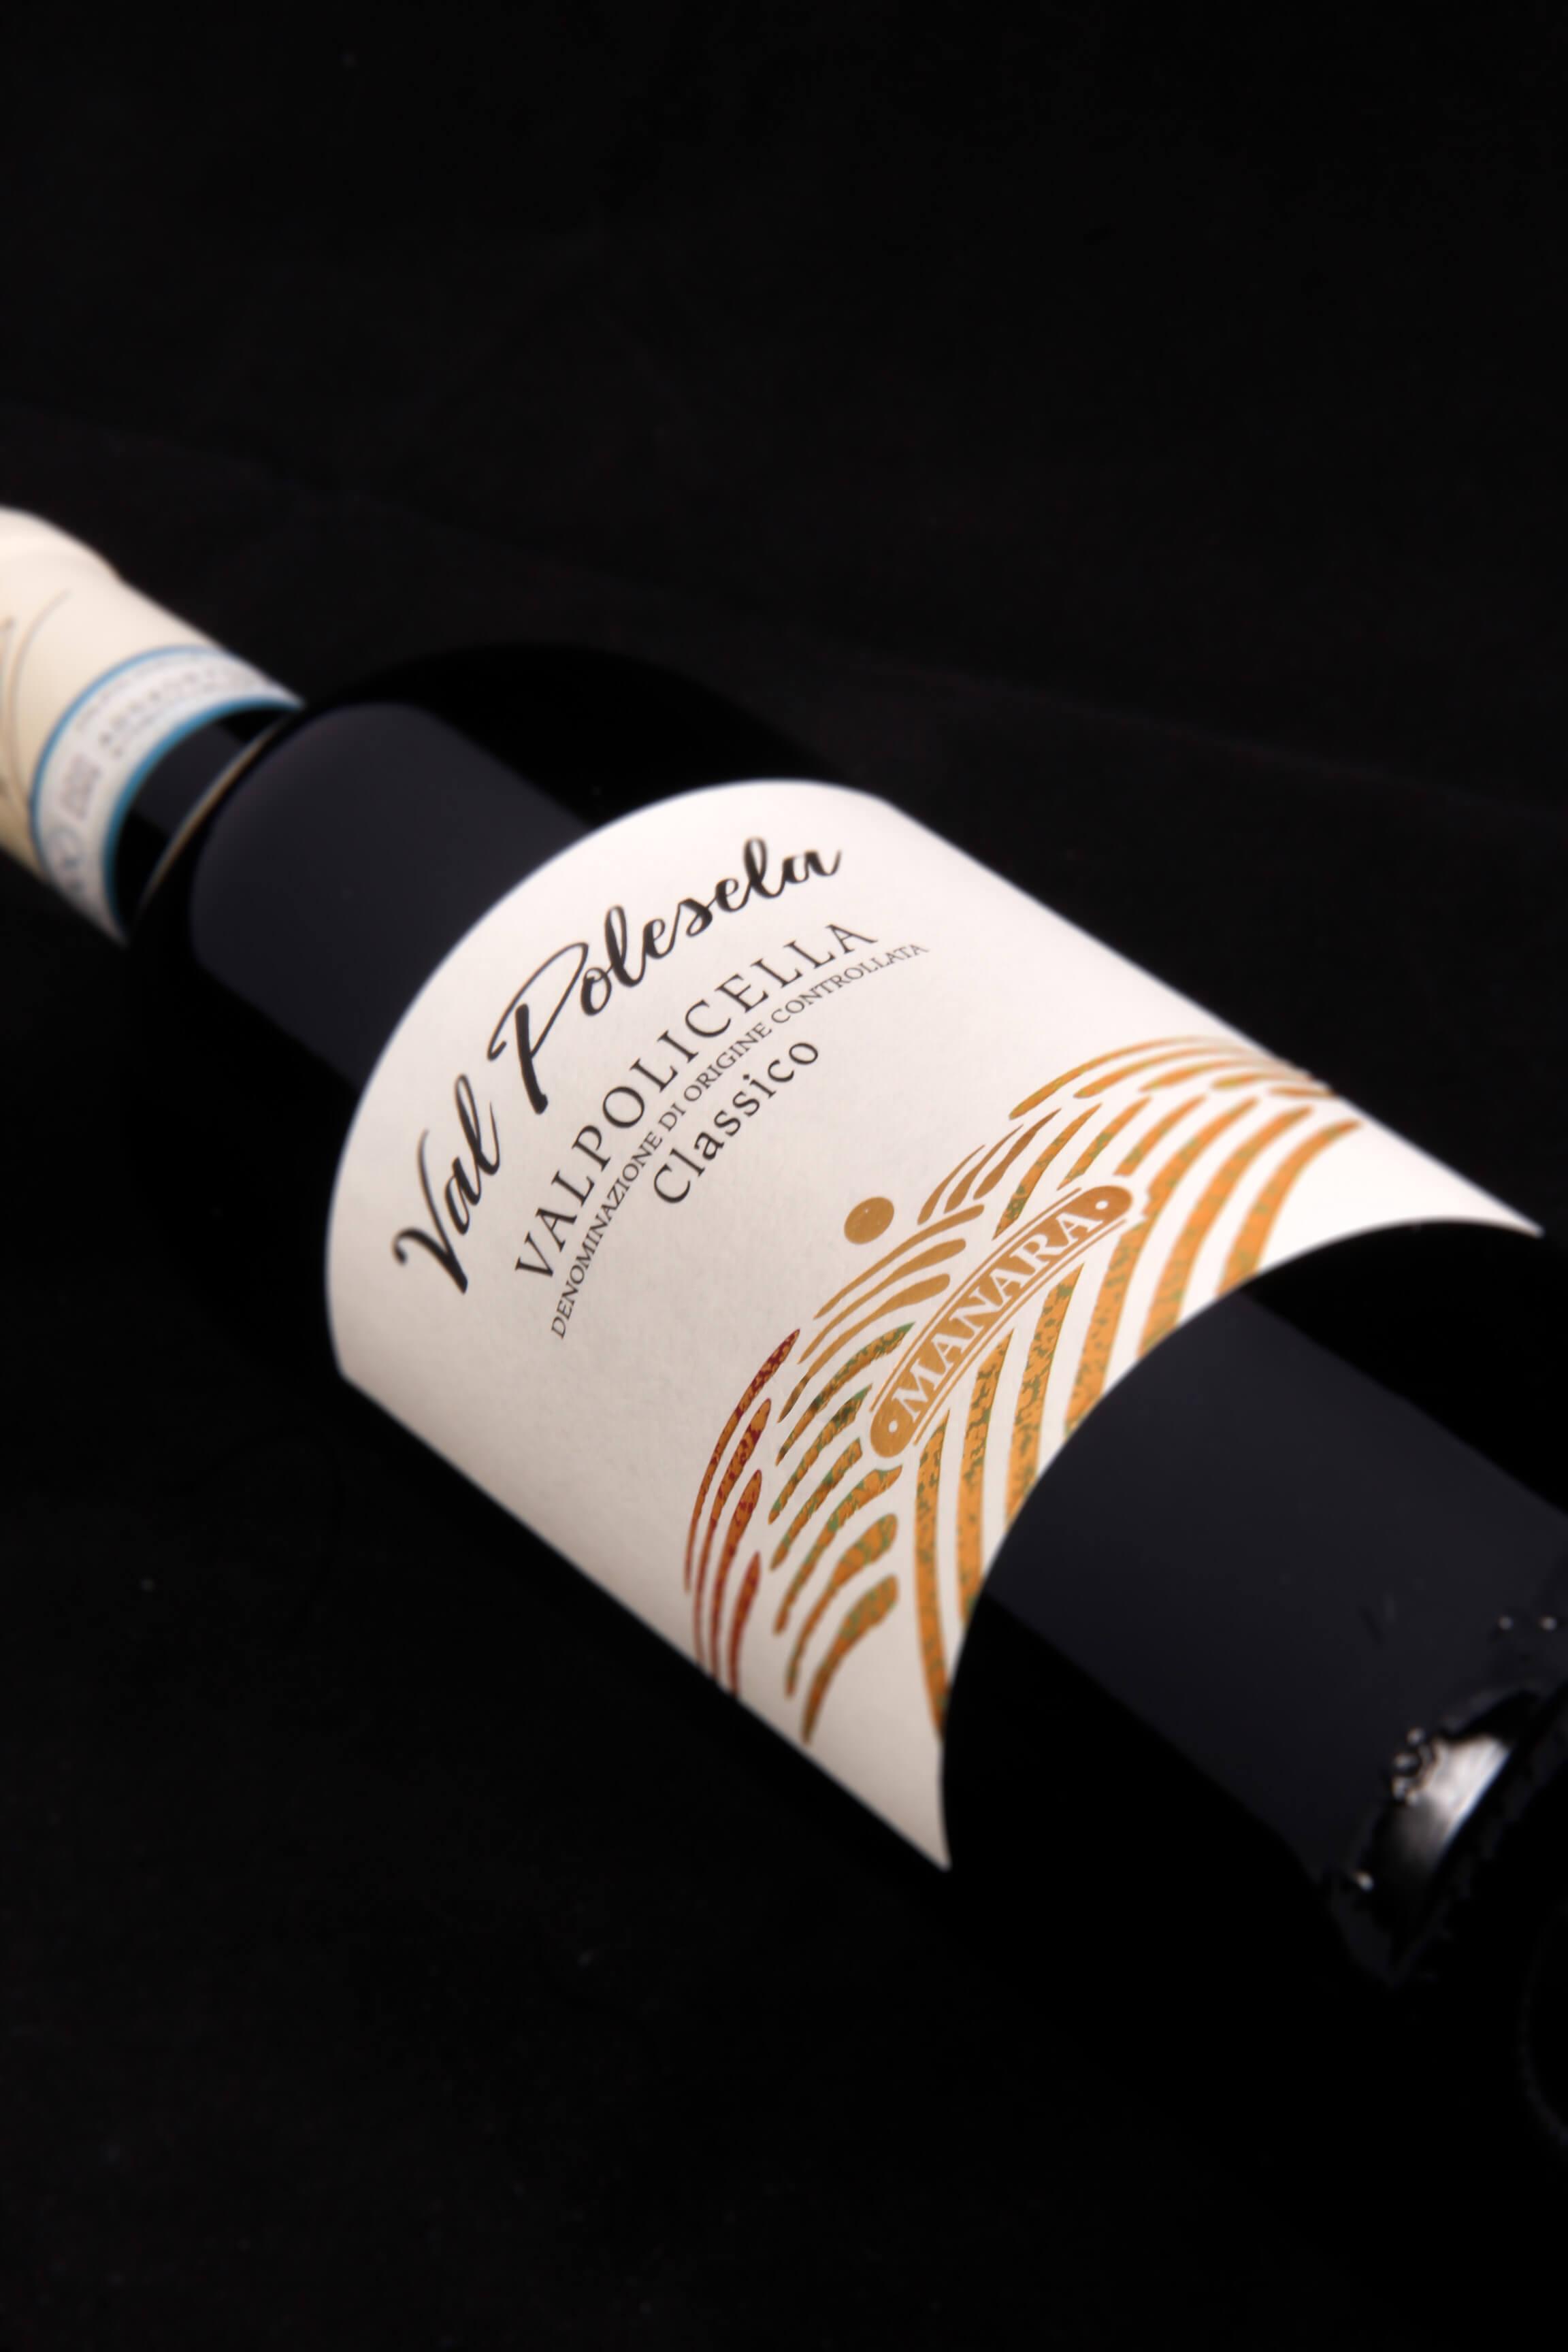 vino_nostrum-importadora_de_vinos_y_alimentos_ok14